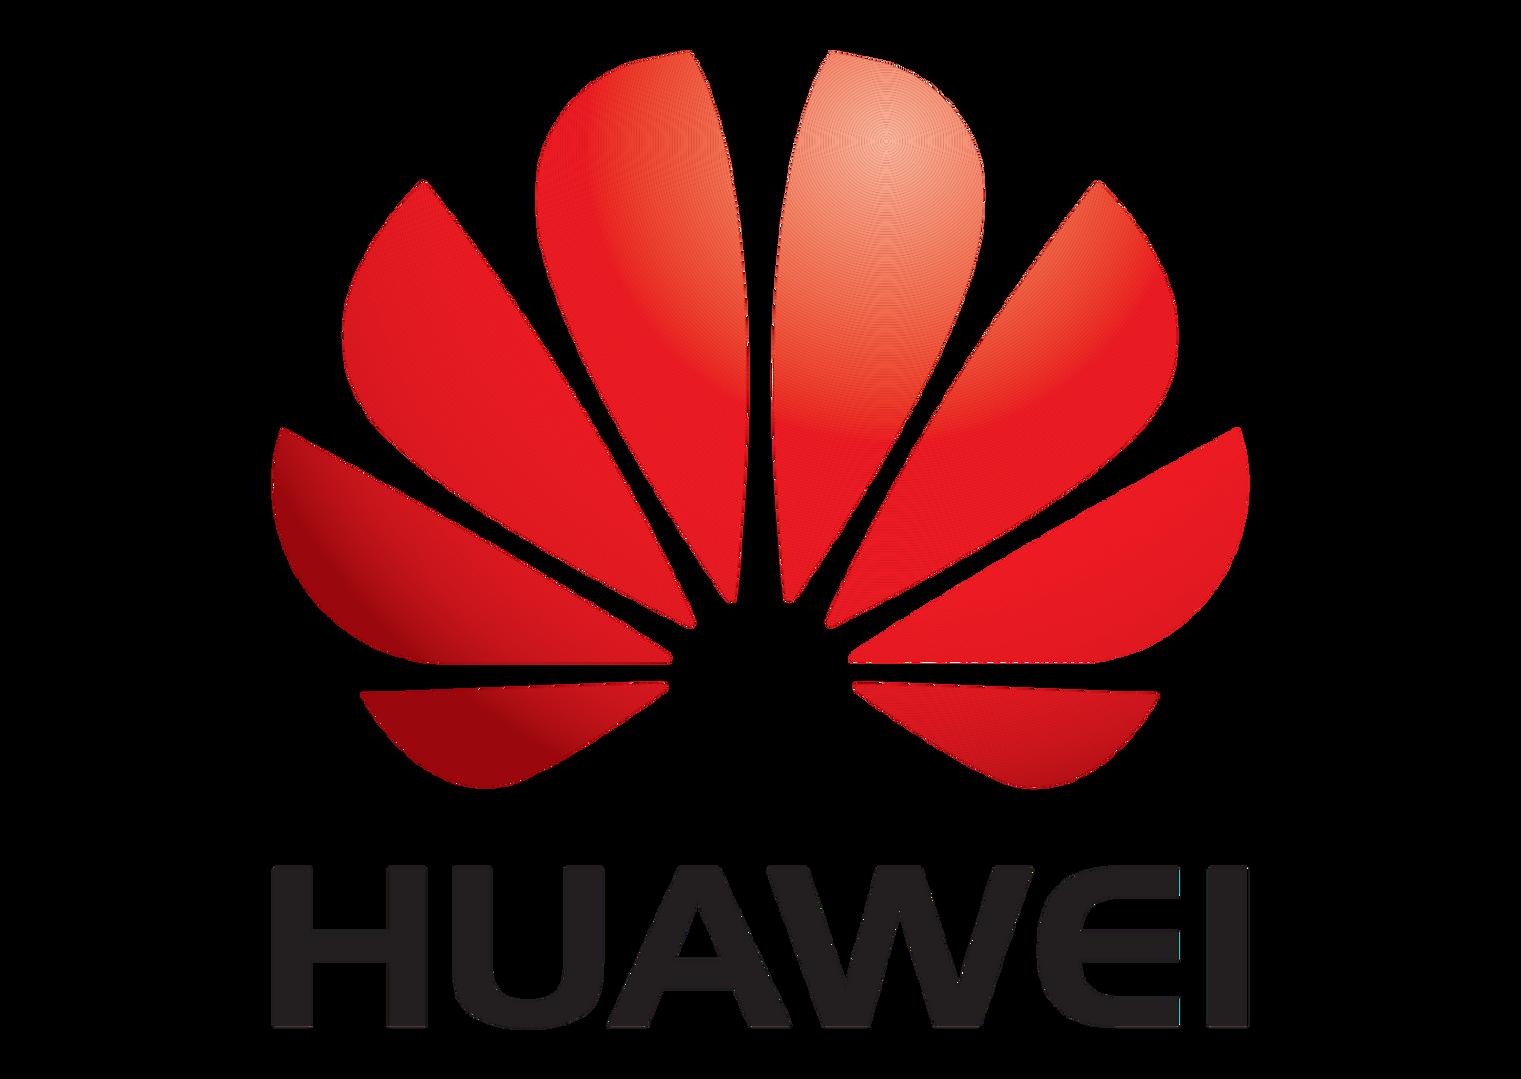 huawei-logo-vector.png